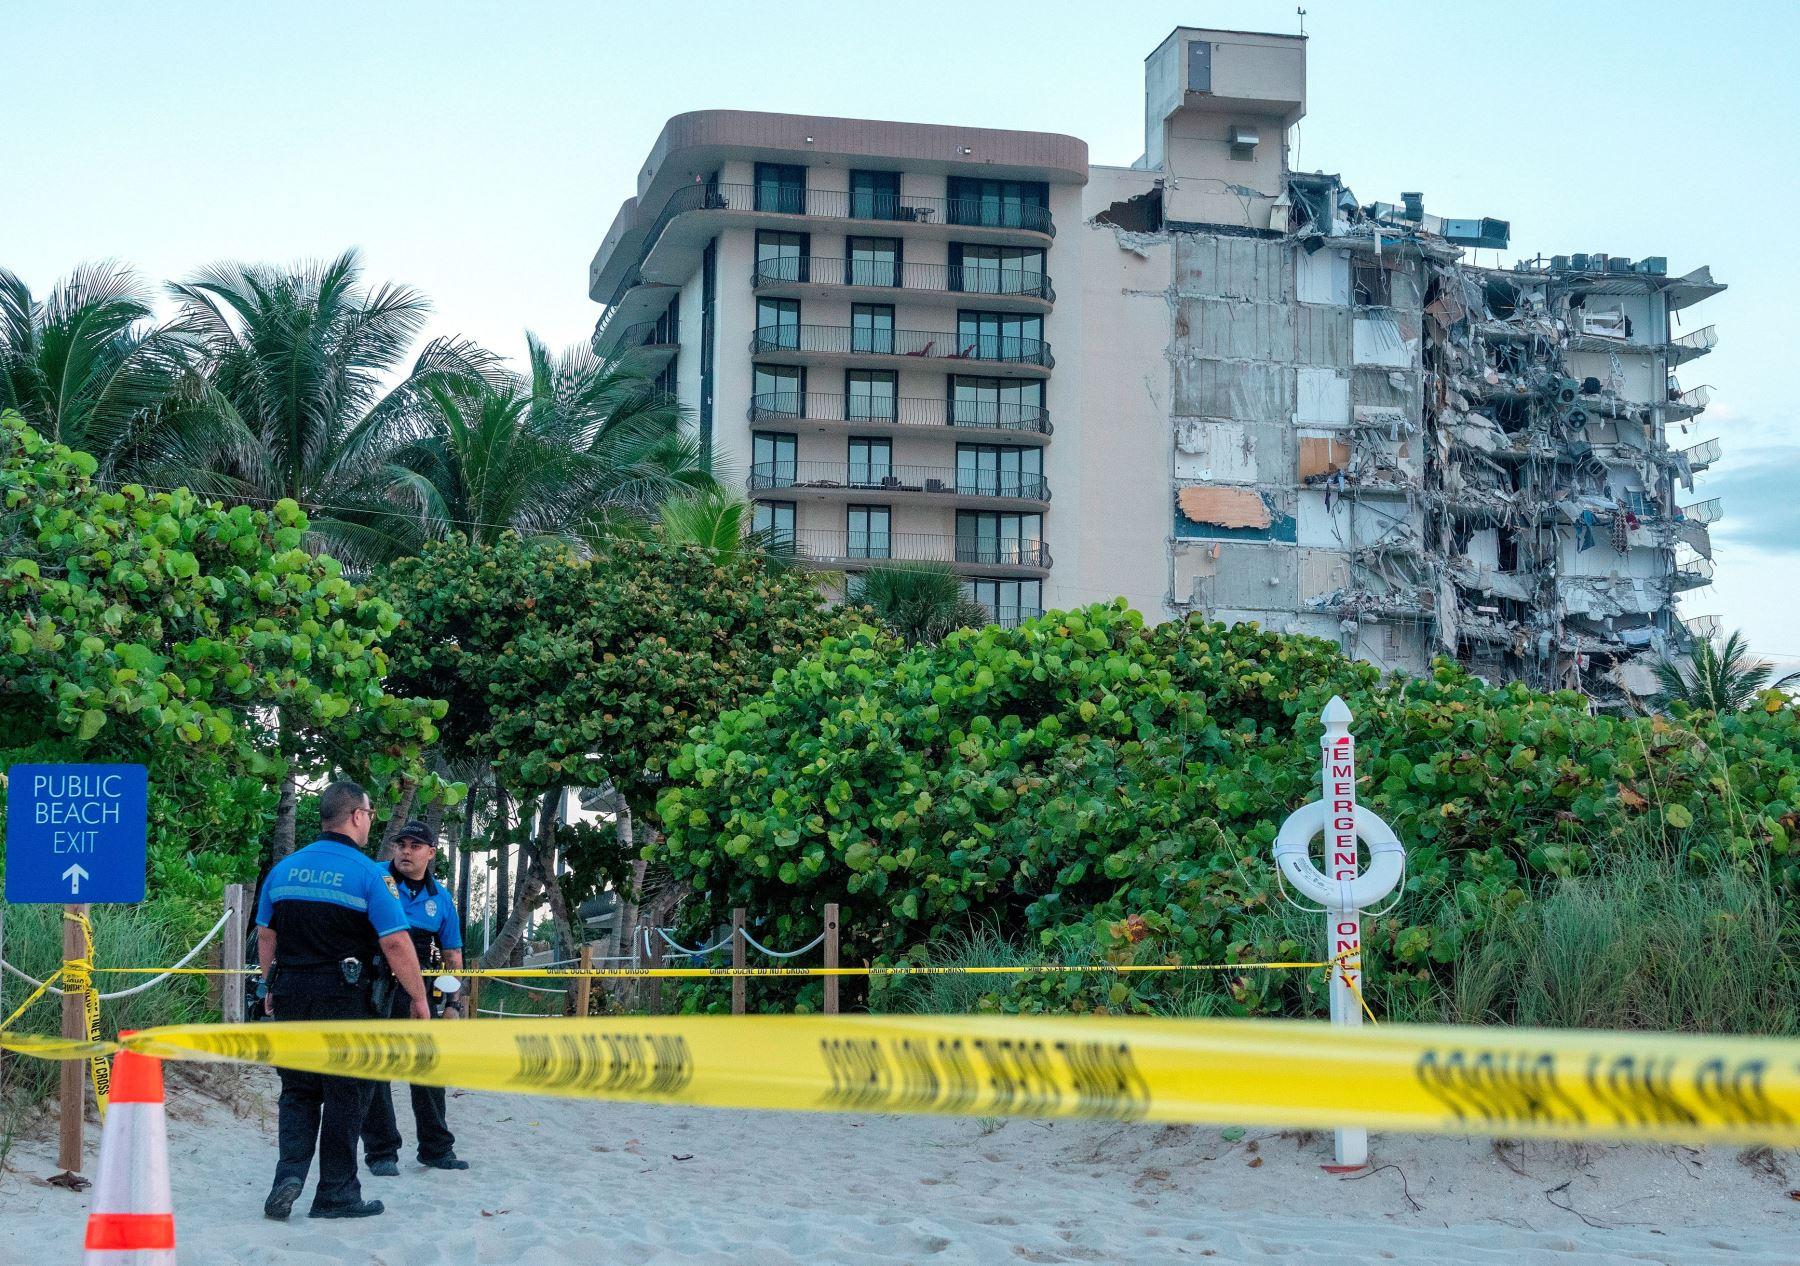 Estados Unidos: Encuentran 10 cuerpos más en restos de edificio derrumbado en Miami